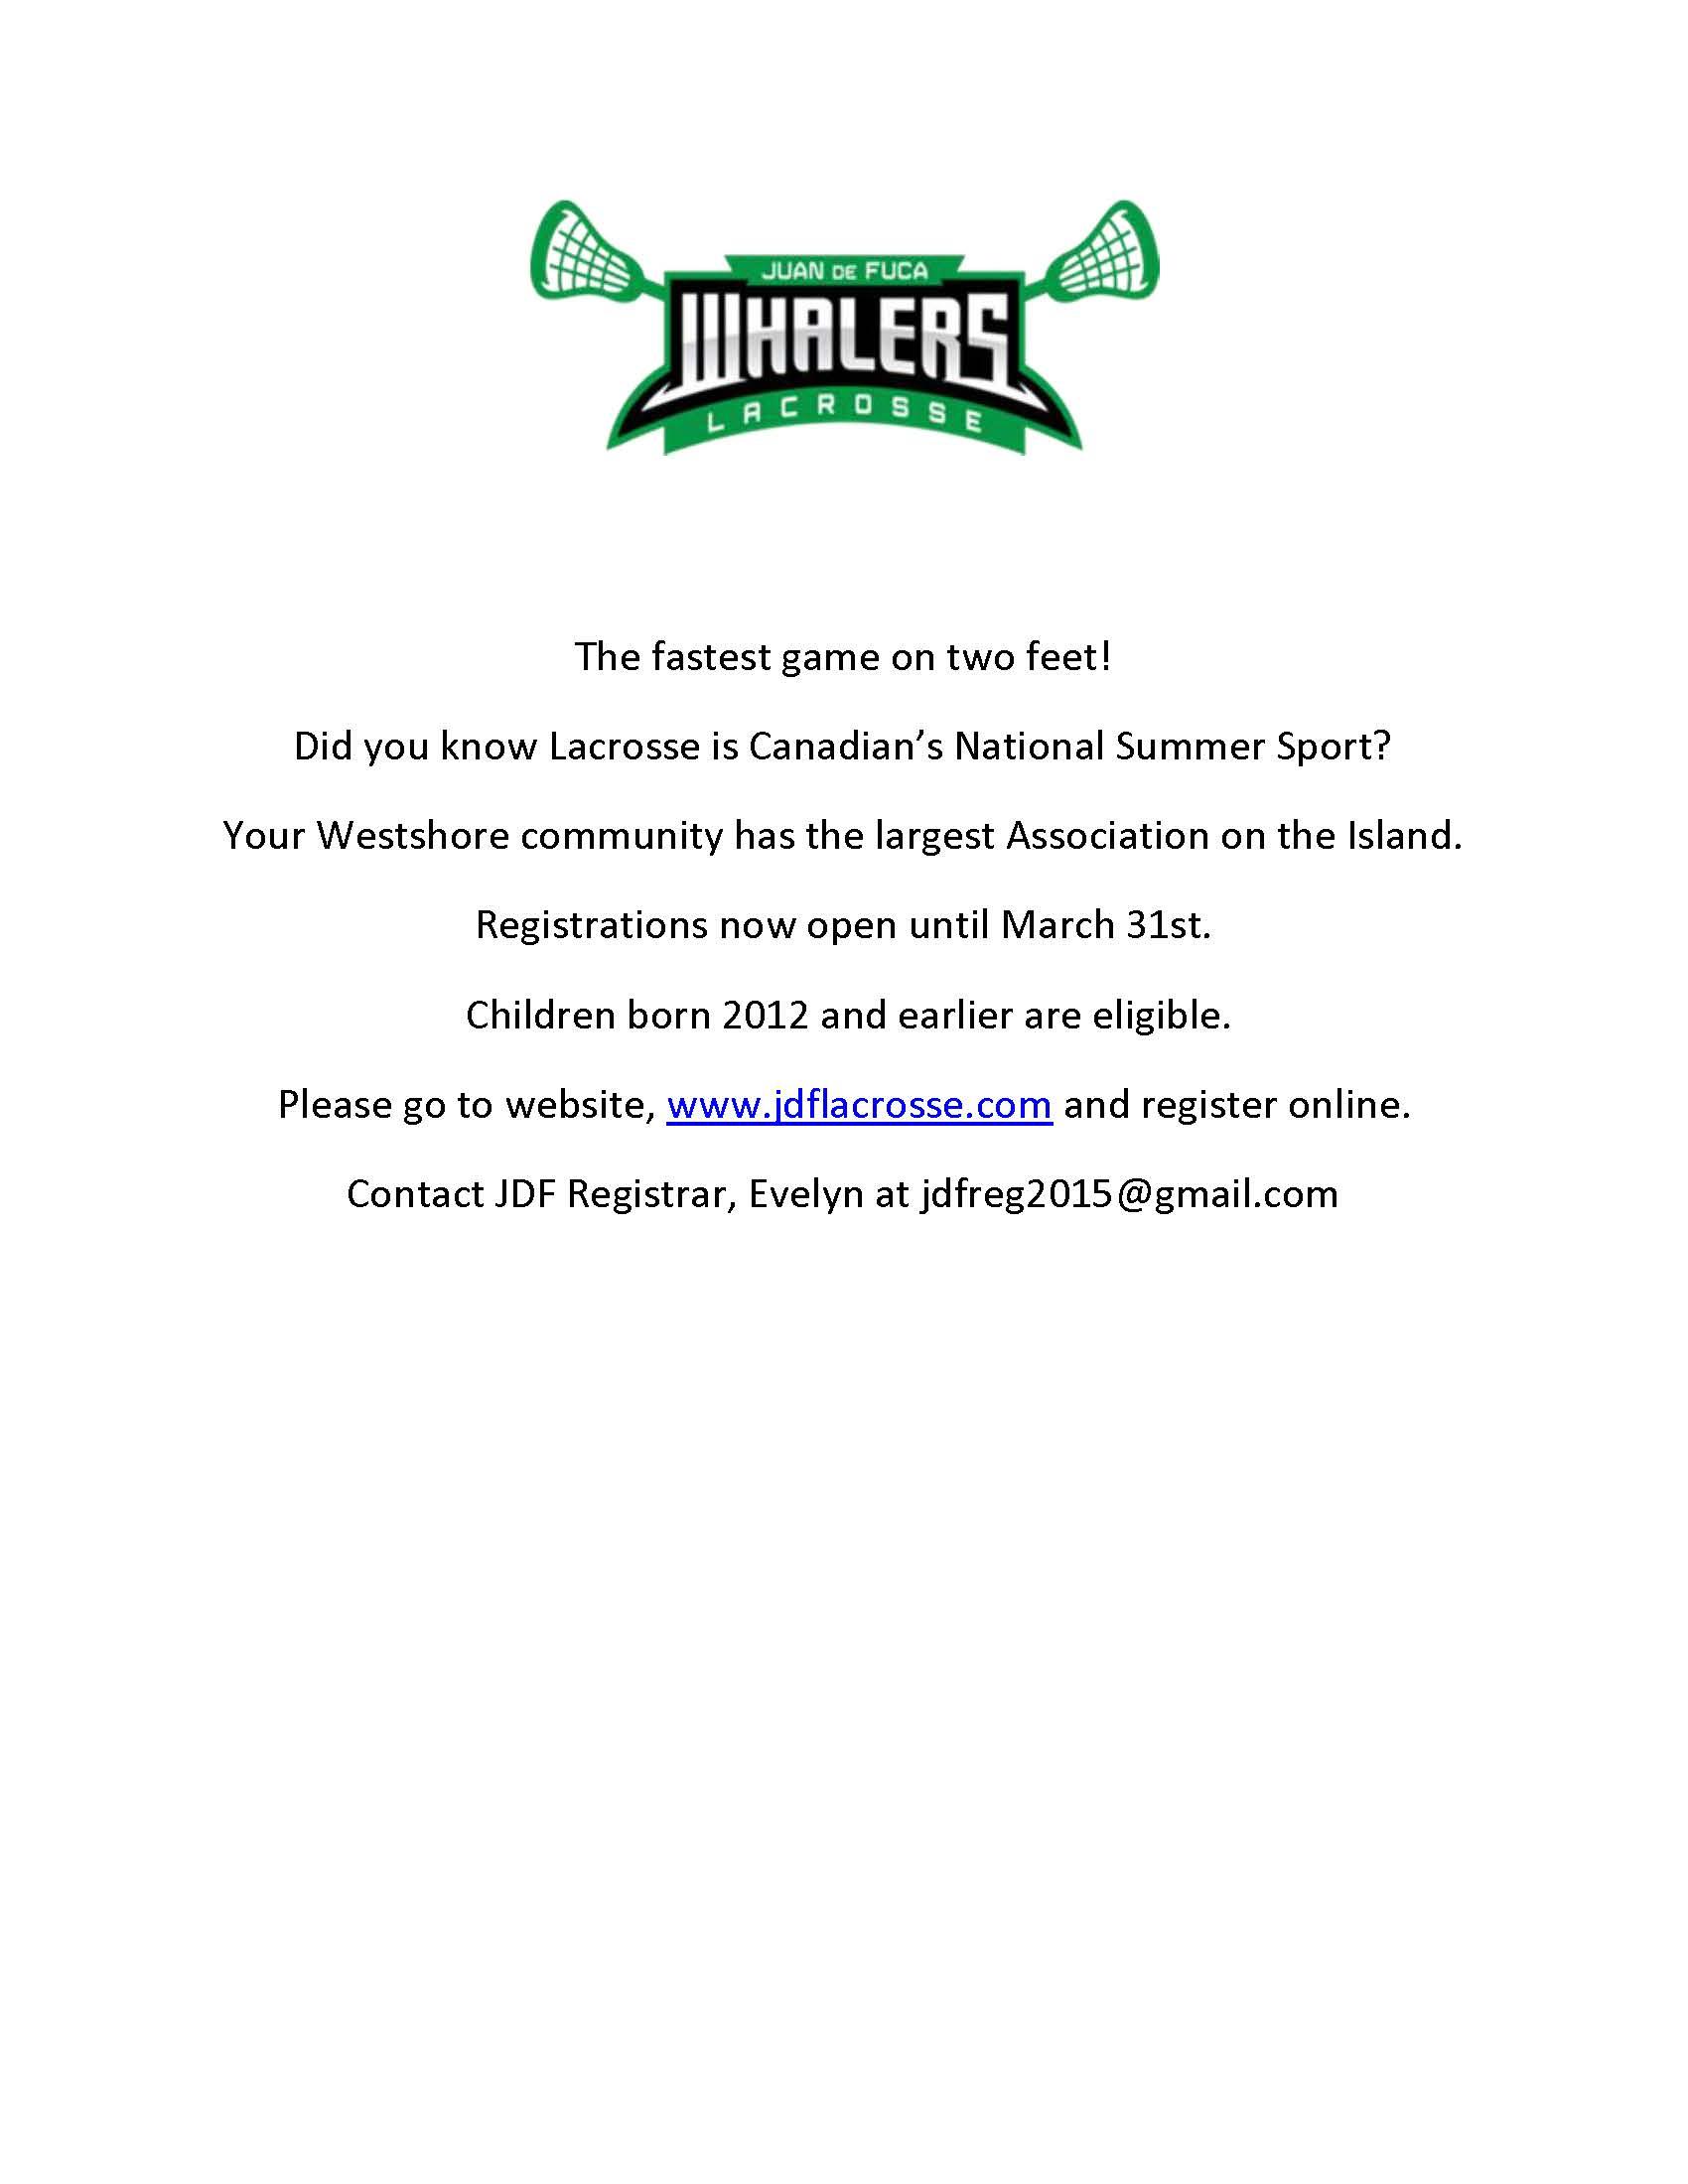 Registration Flyer - JDF Lacrosse 2017